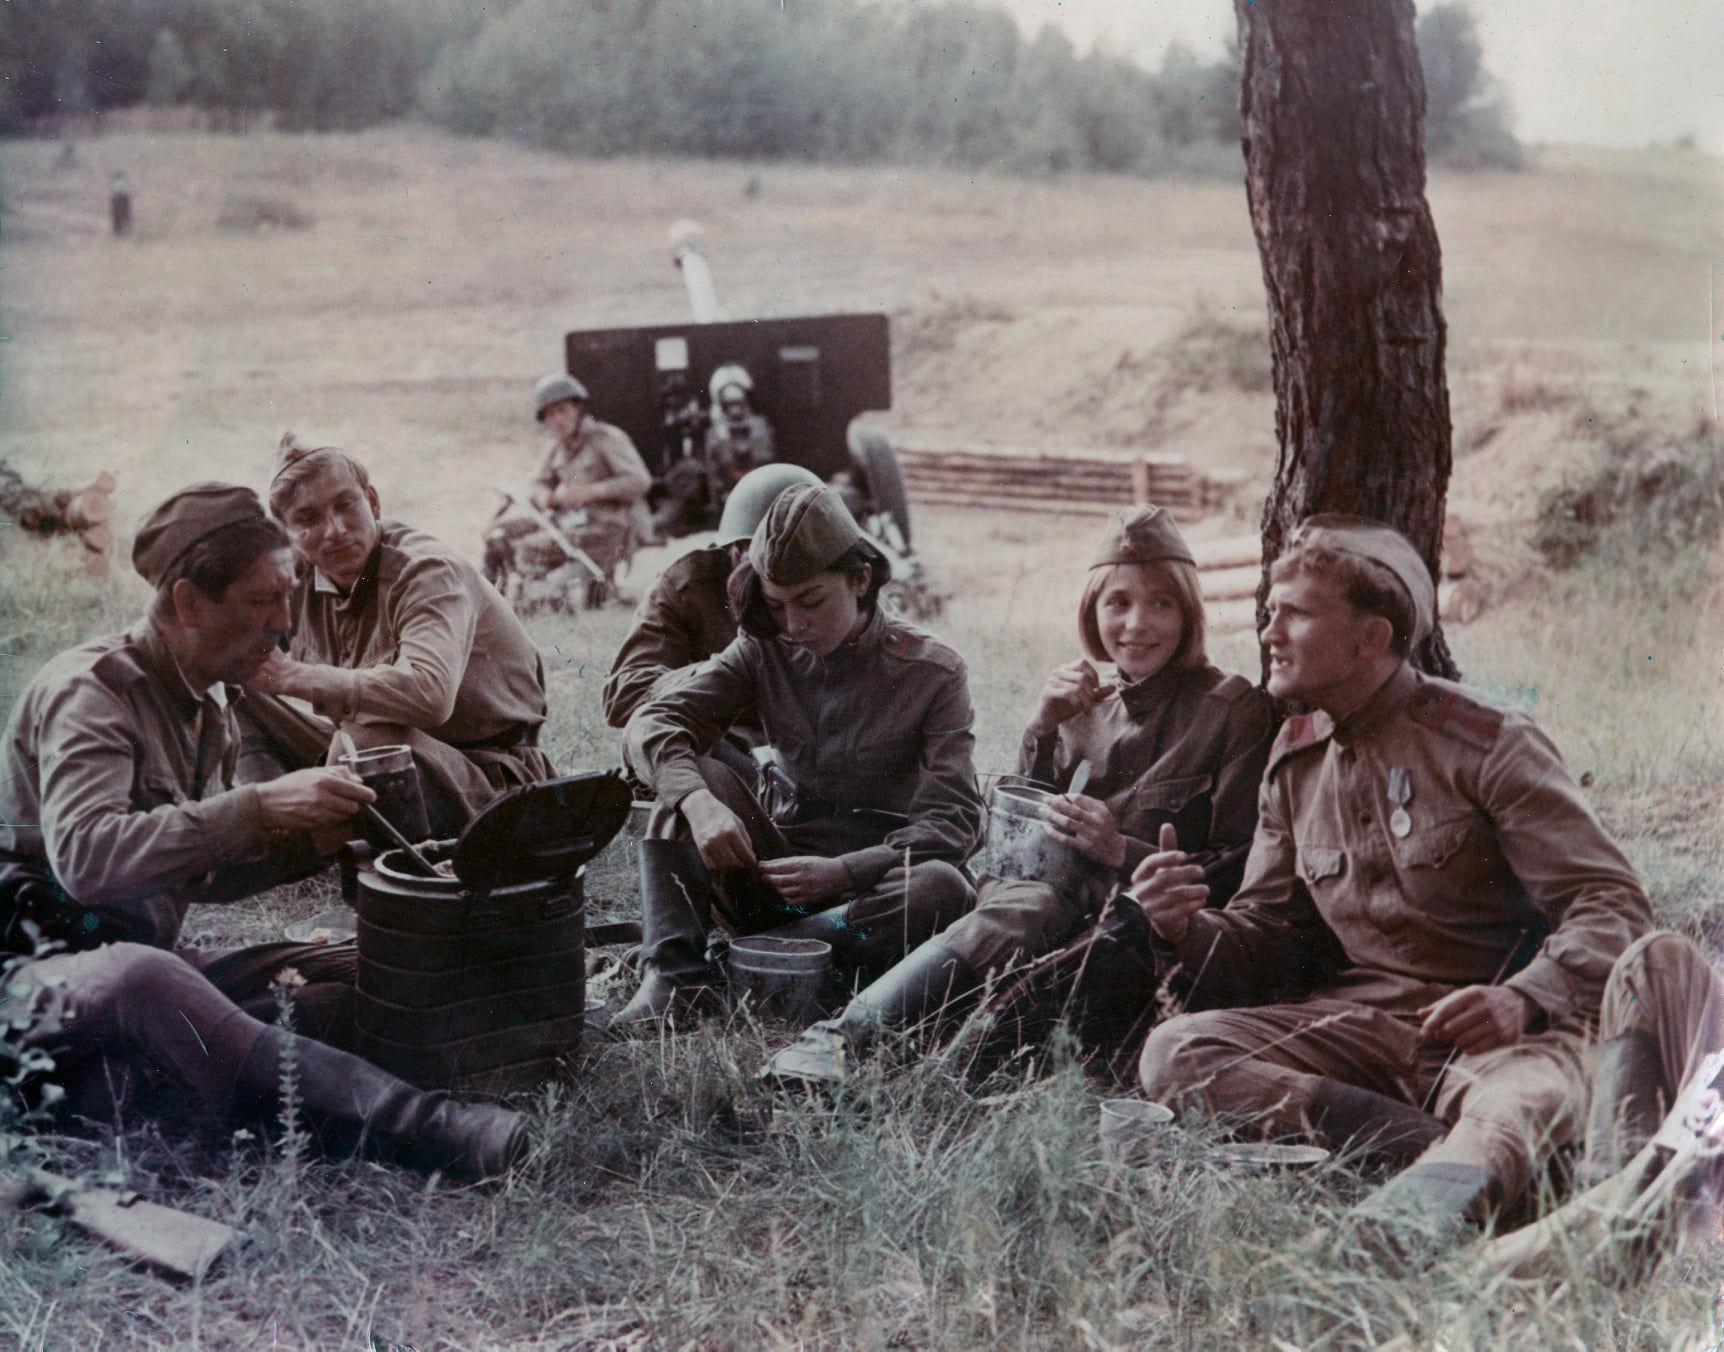 Съемочная группа фильма режиссера Болота Шамшиева Снайперы. 1985 год, Беларусь